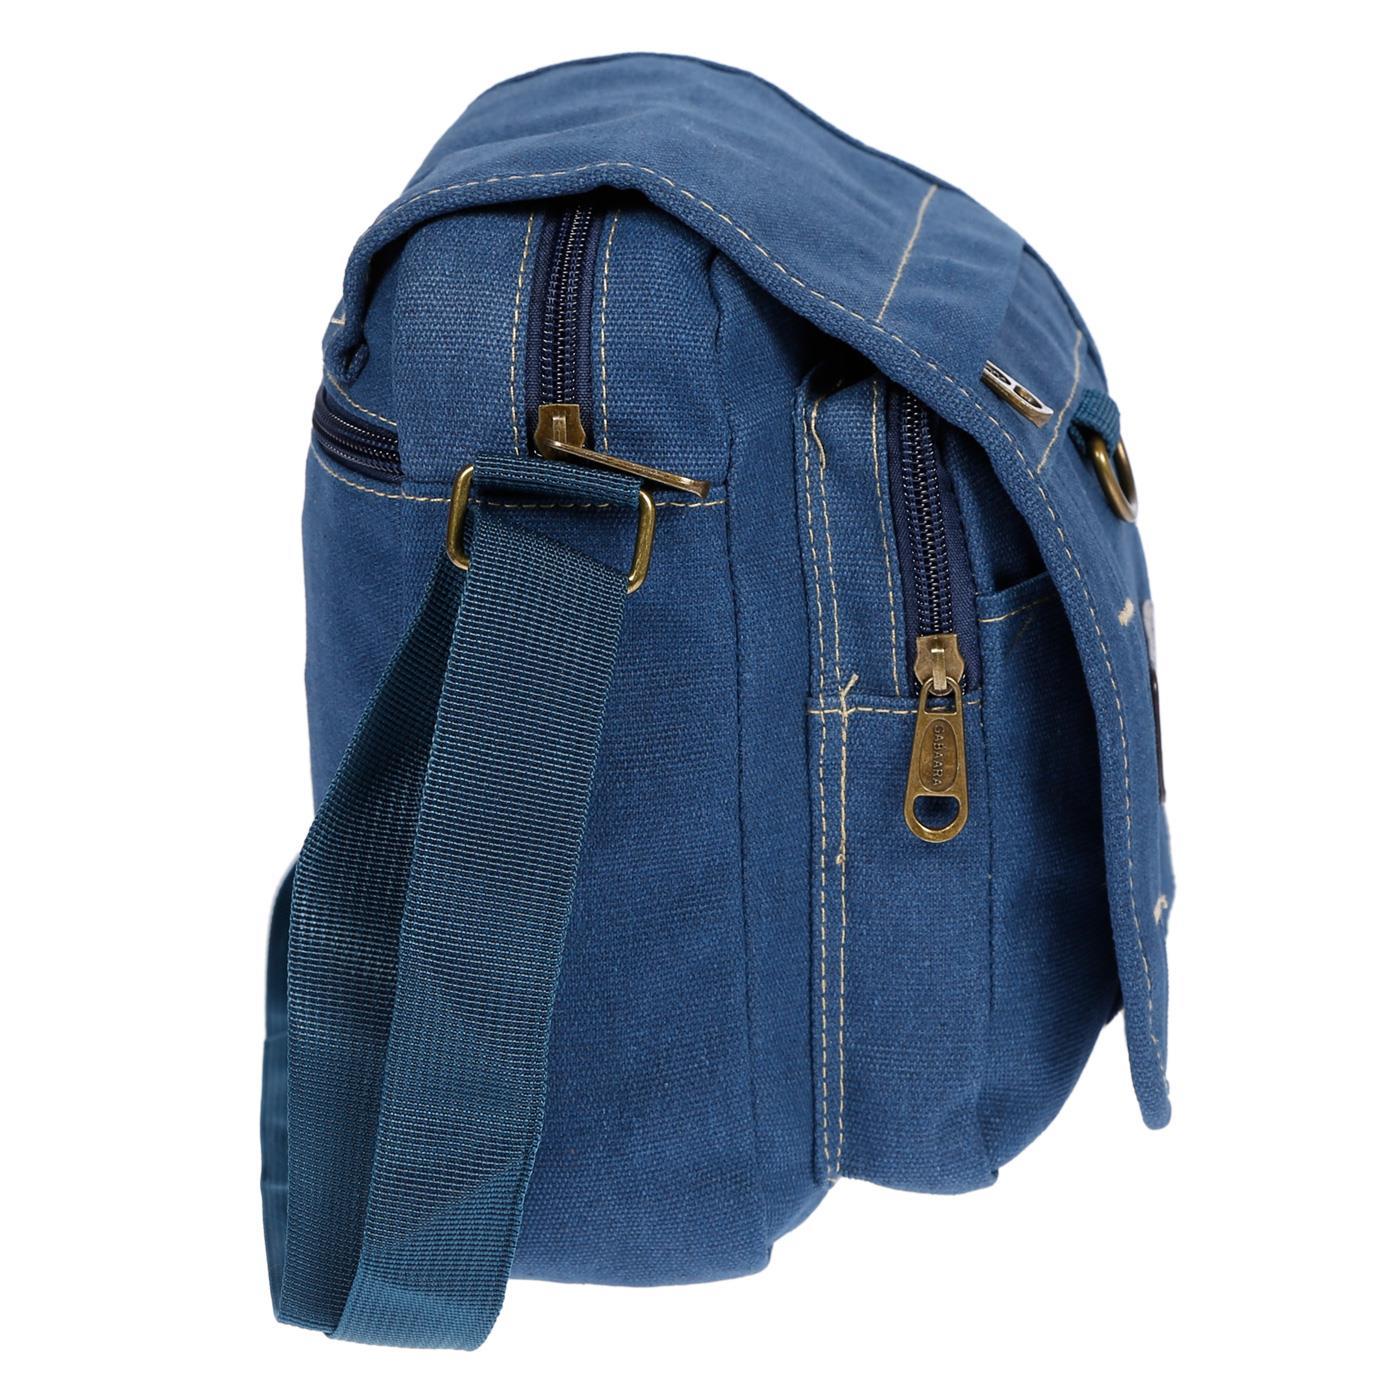 Damen-Herren-Tasche-Canvas-Umhaengetasche-Schultertasche-Crossover-Bag-Handtasche Indexbild 33